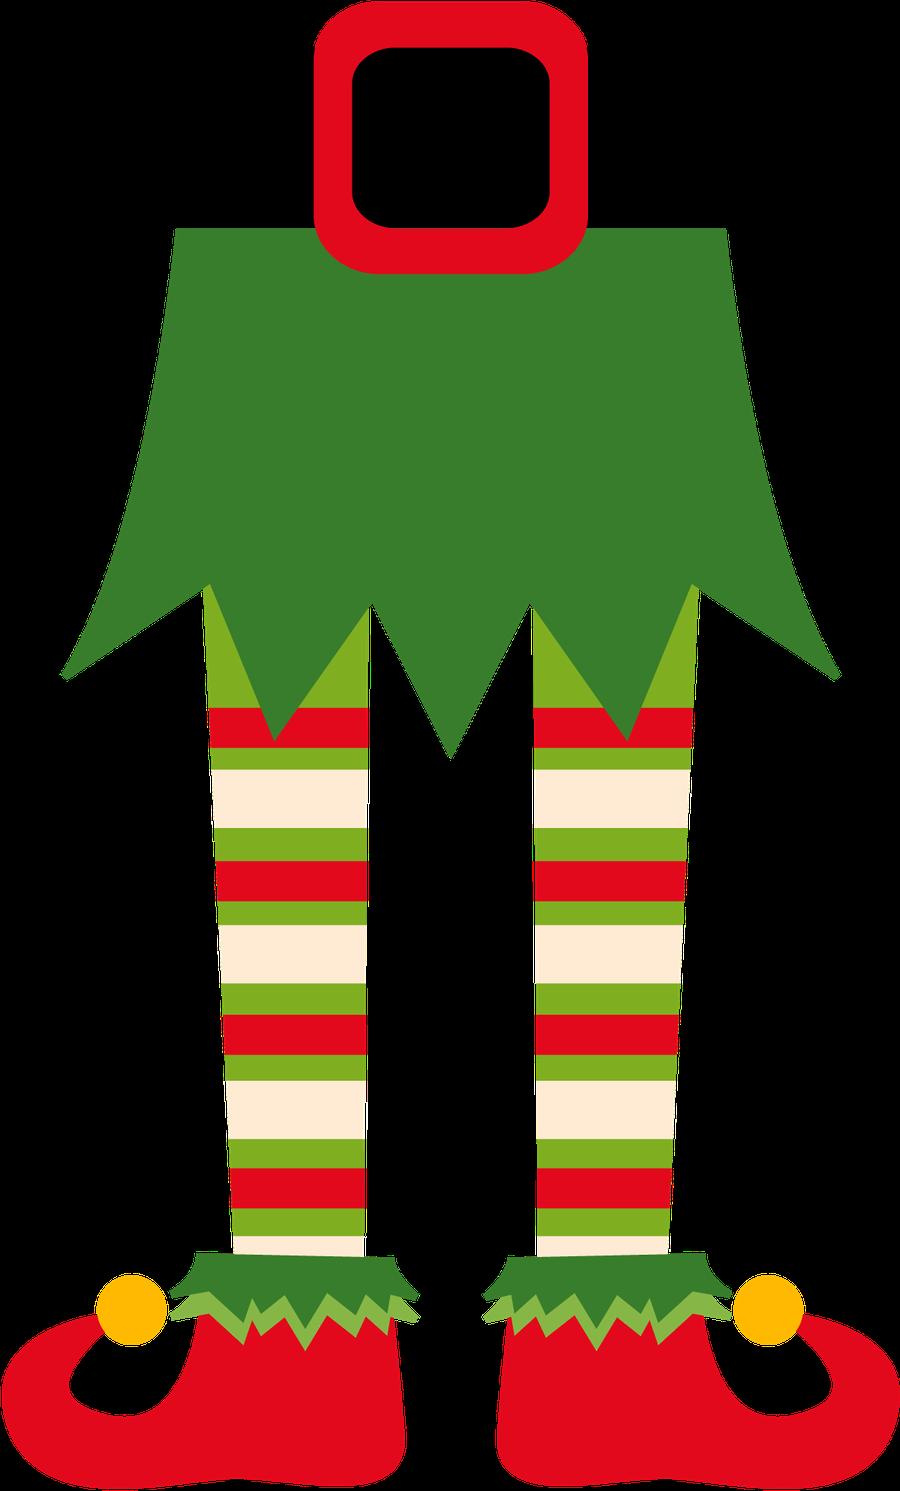 elf clipart spirit